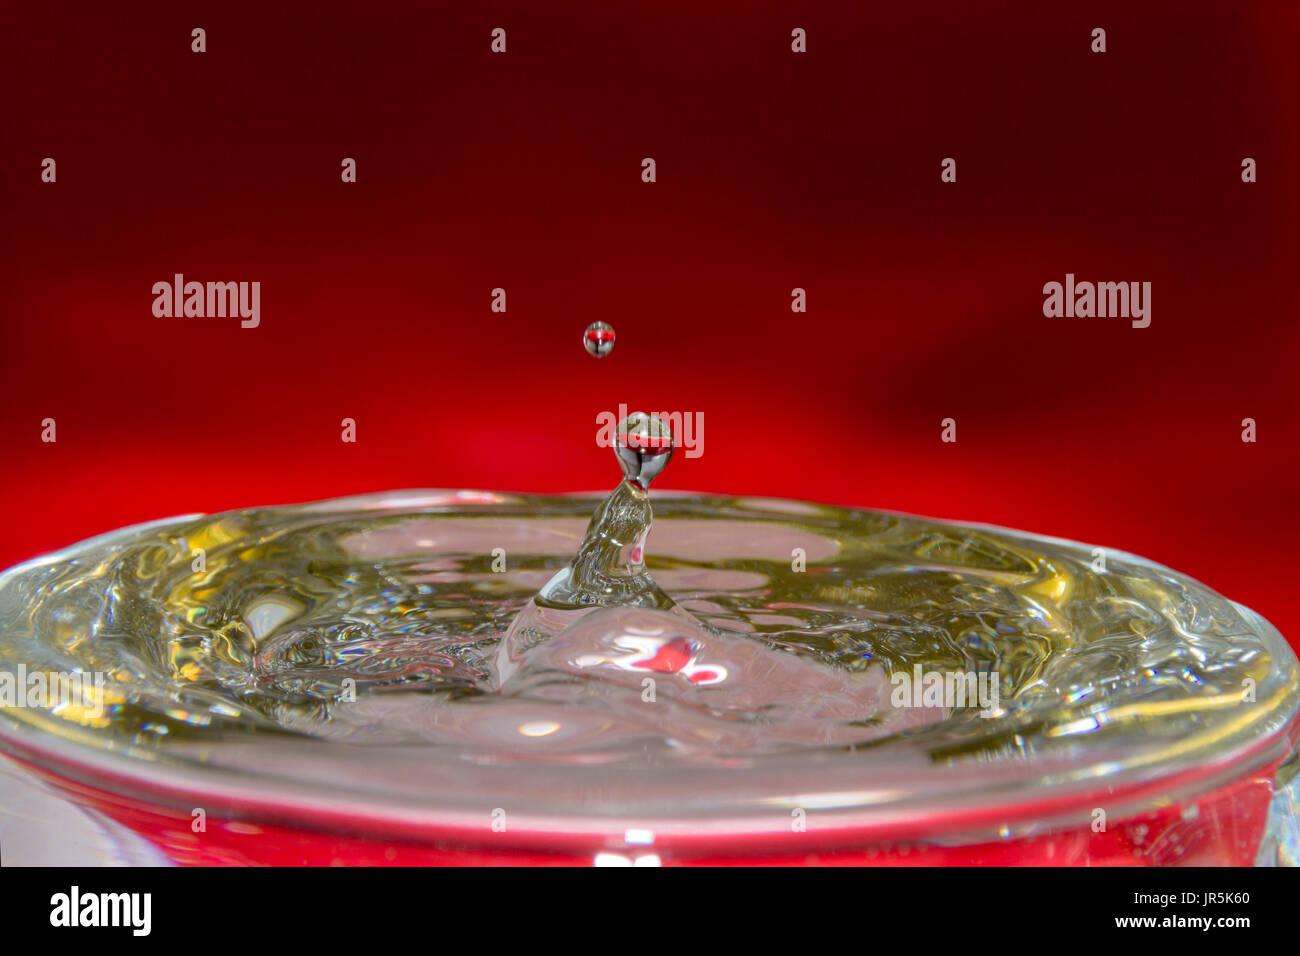 Gota de Agua con fondo rojo y dorado reflejo en el agua, bebidas refrescante y fría con ondas de impacto en el agua, la gota que derrama el vaso con agua Imagen De Stock